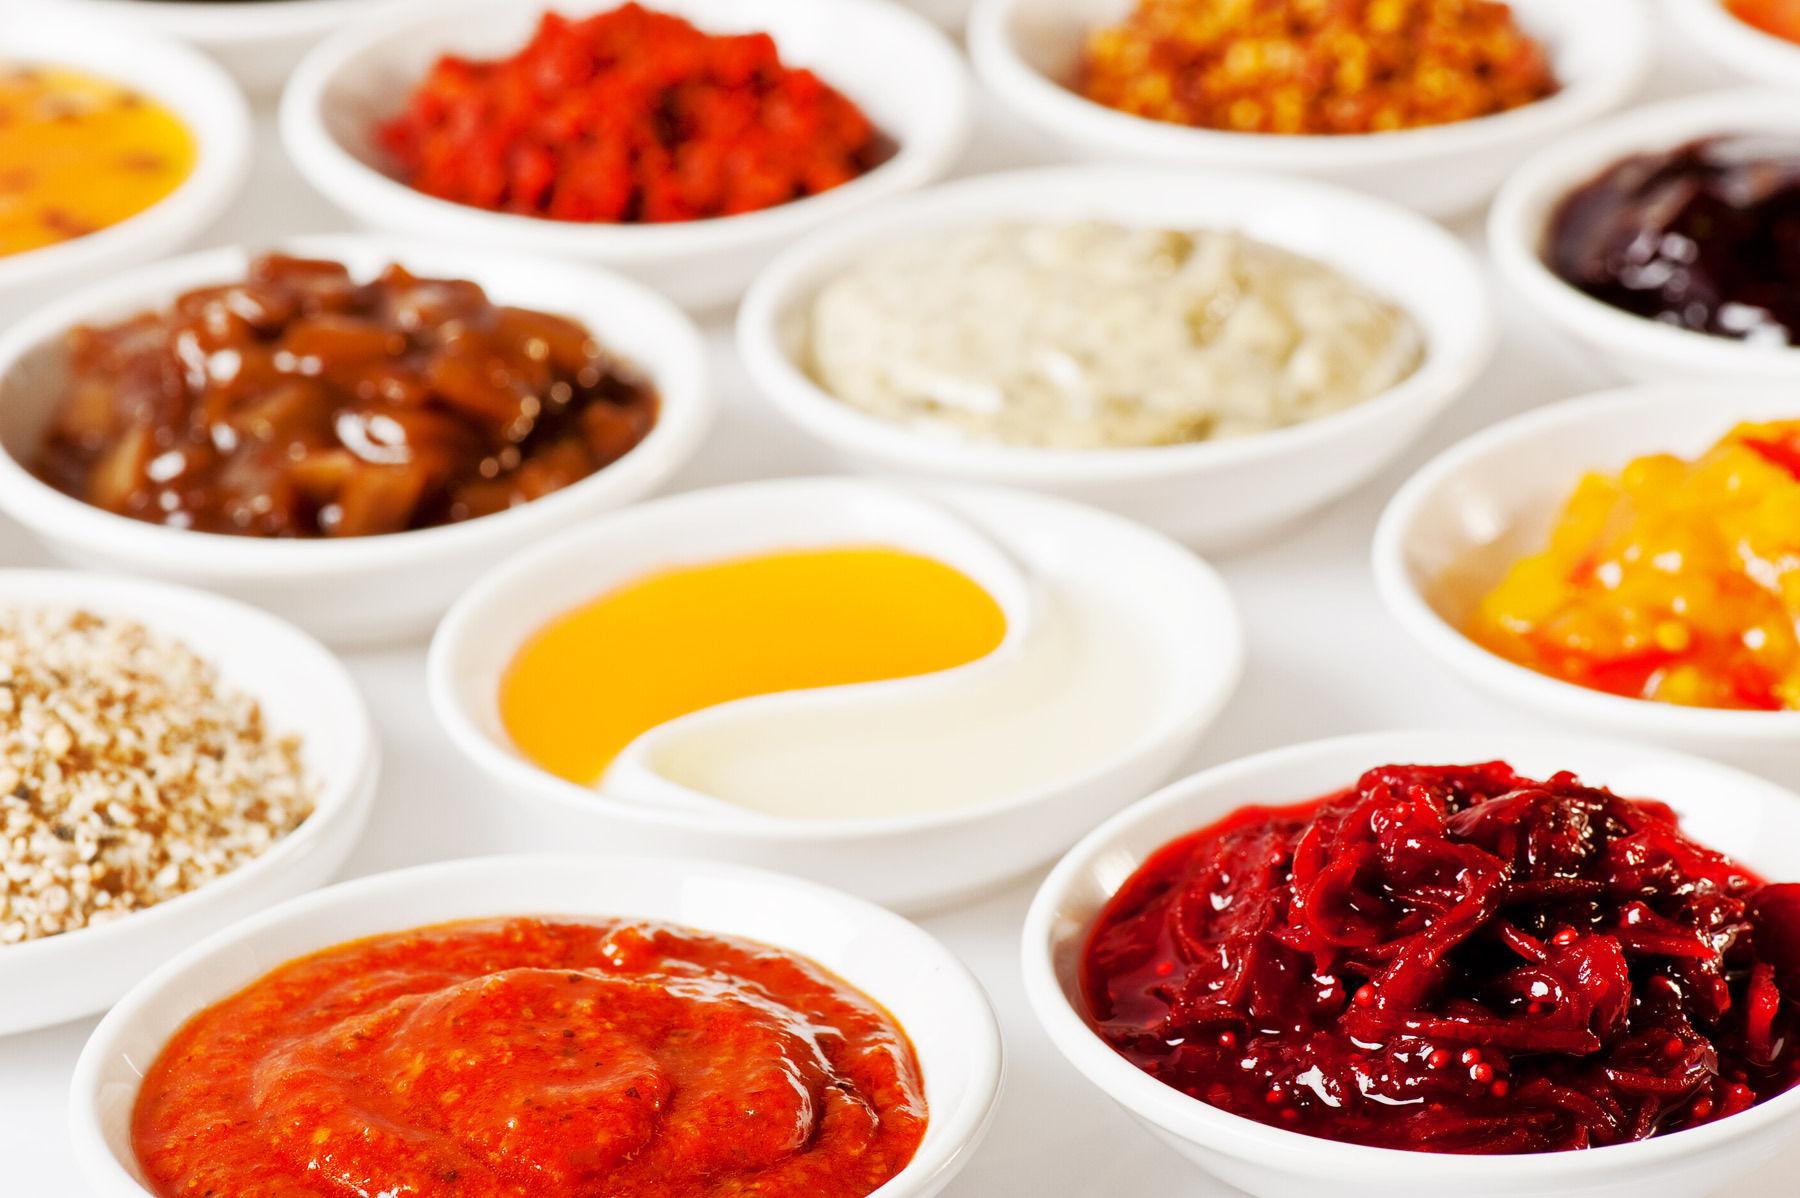 Última pregunta. ¿Con qué te gustaría acompañar un buen plato de pasta italiana?